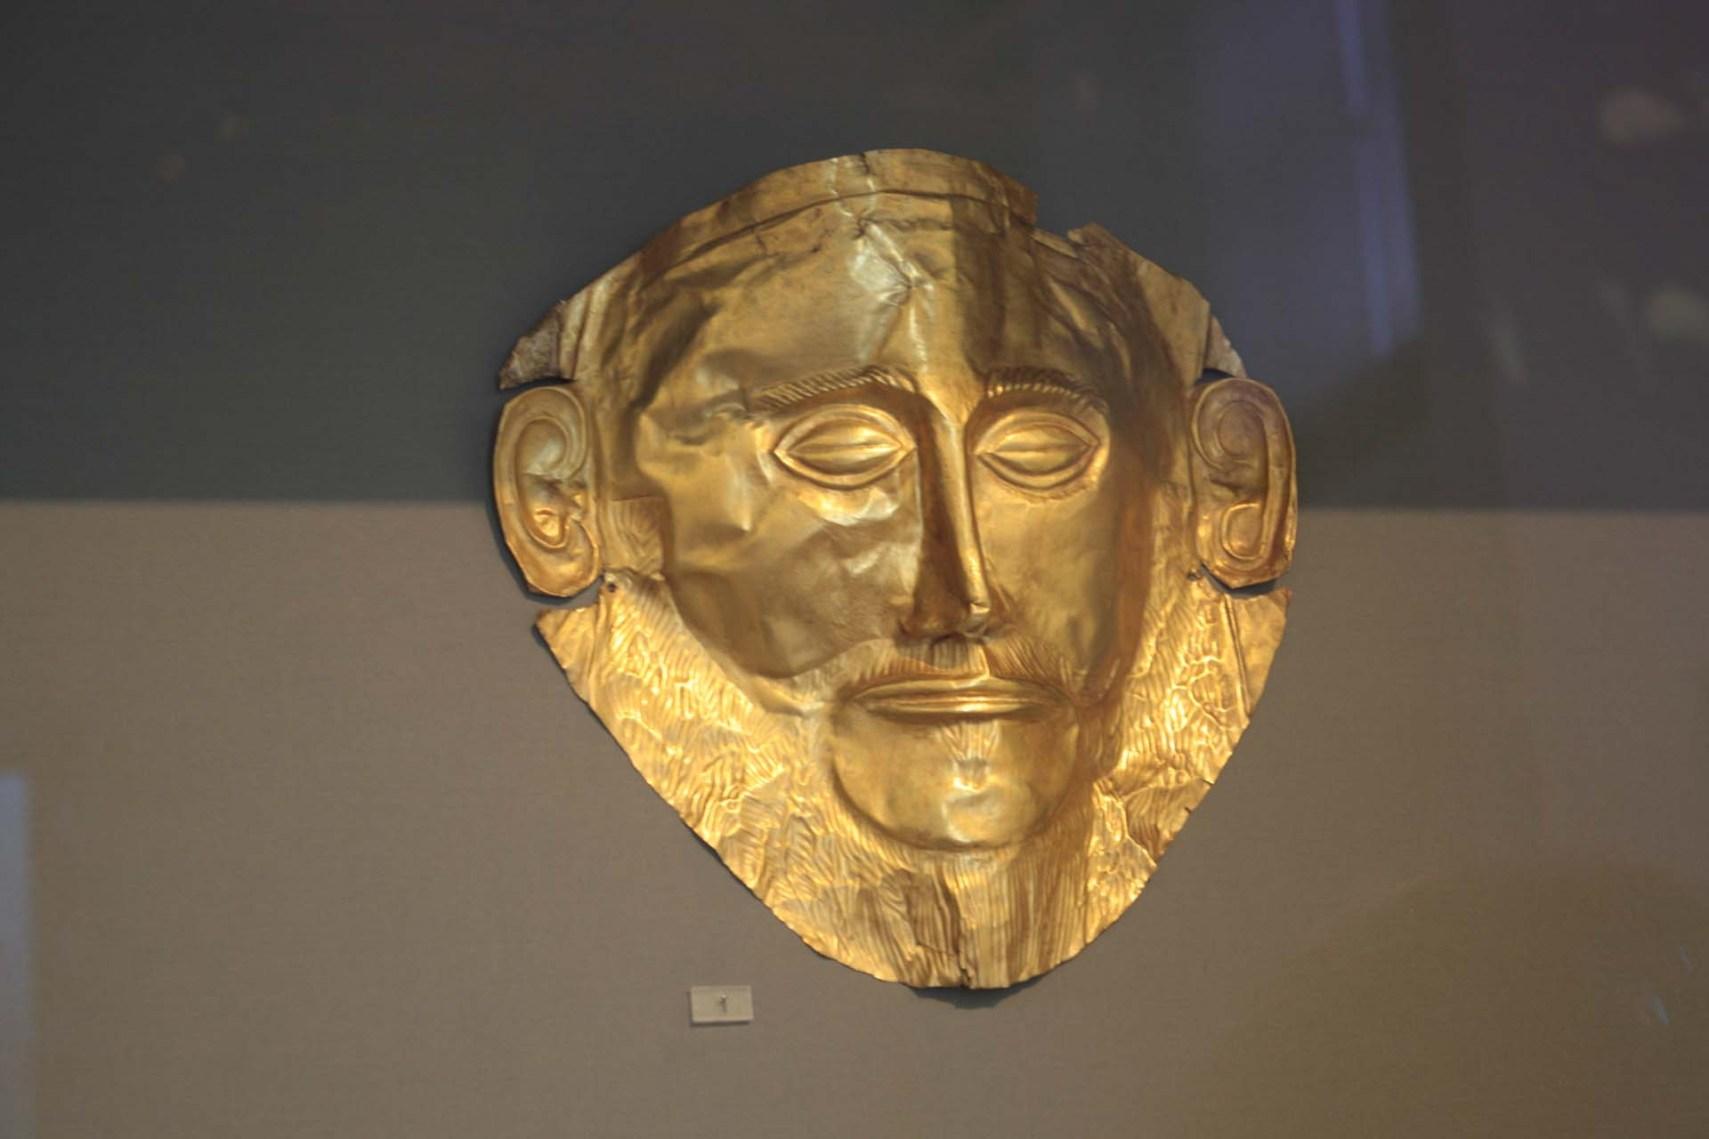 Masque d'Agamemnon au Musée National Archéologique d'Athènes